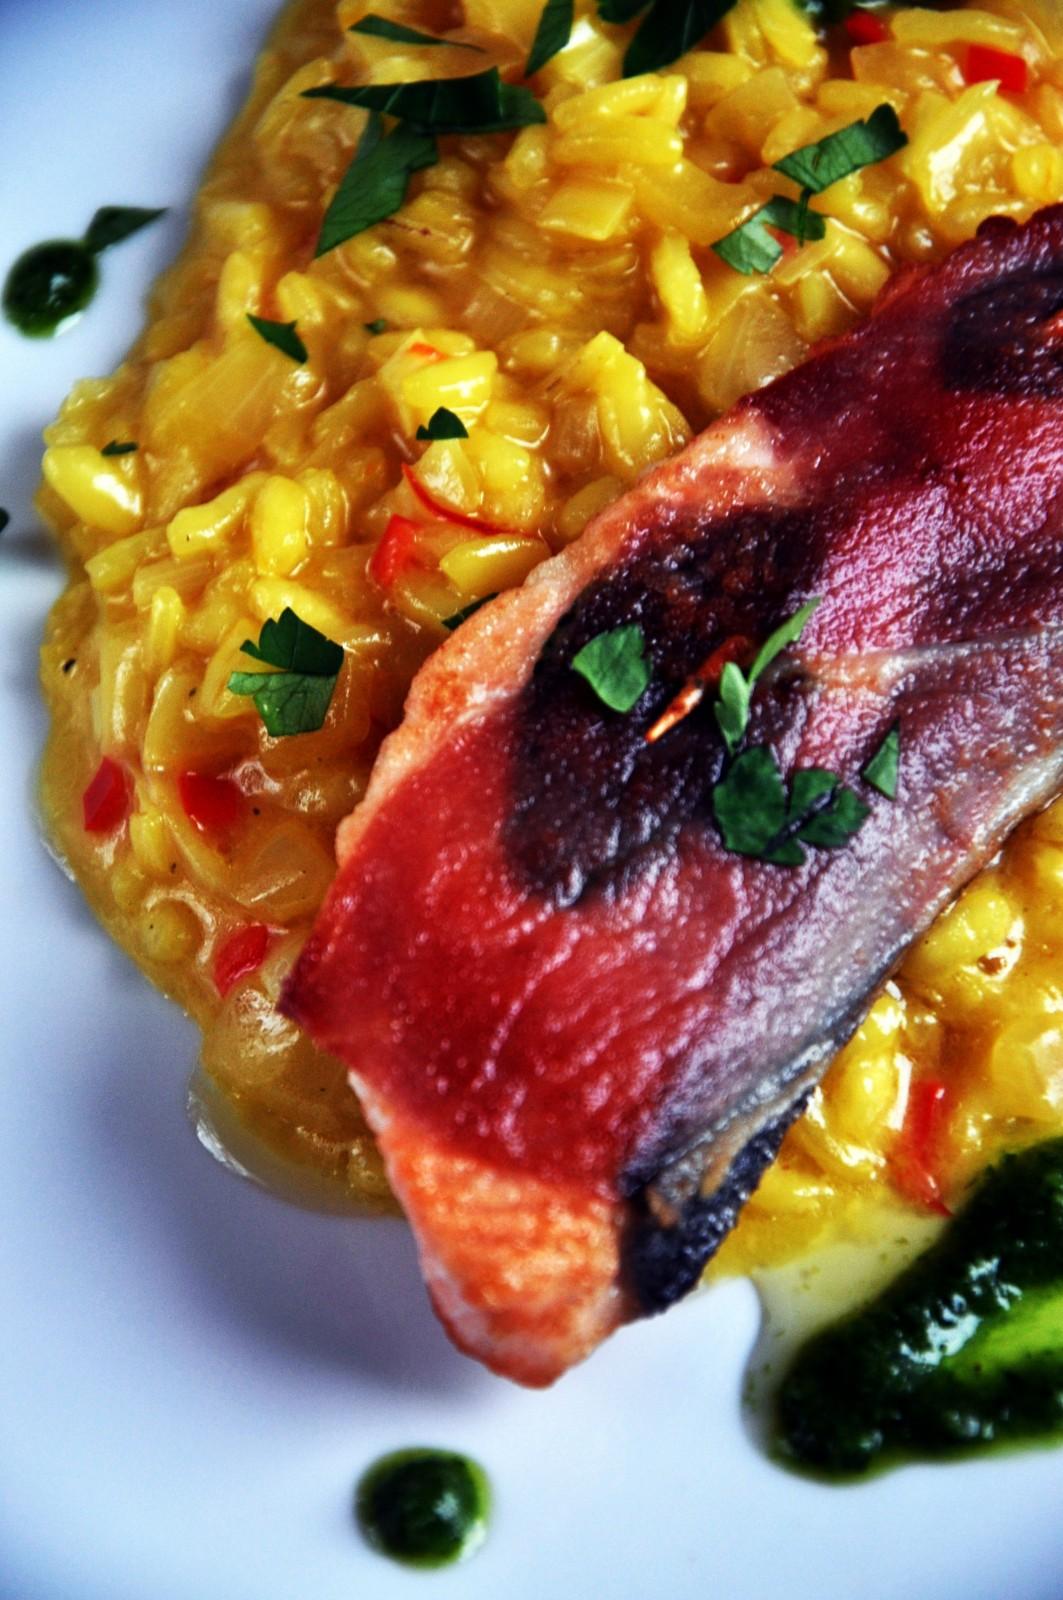 Saltimbocca z łososia i risotto milanese z porem i pesto bazyliowym